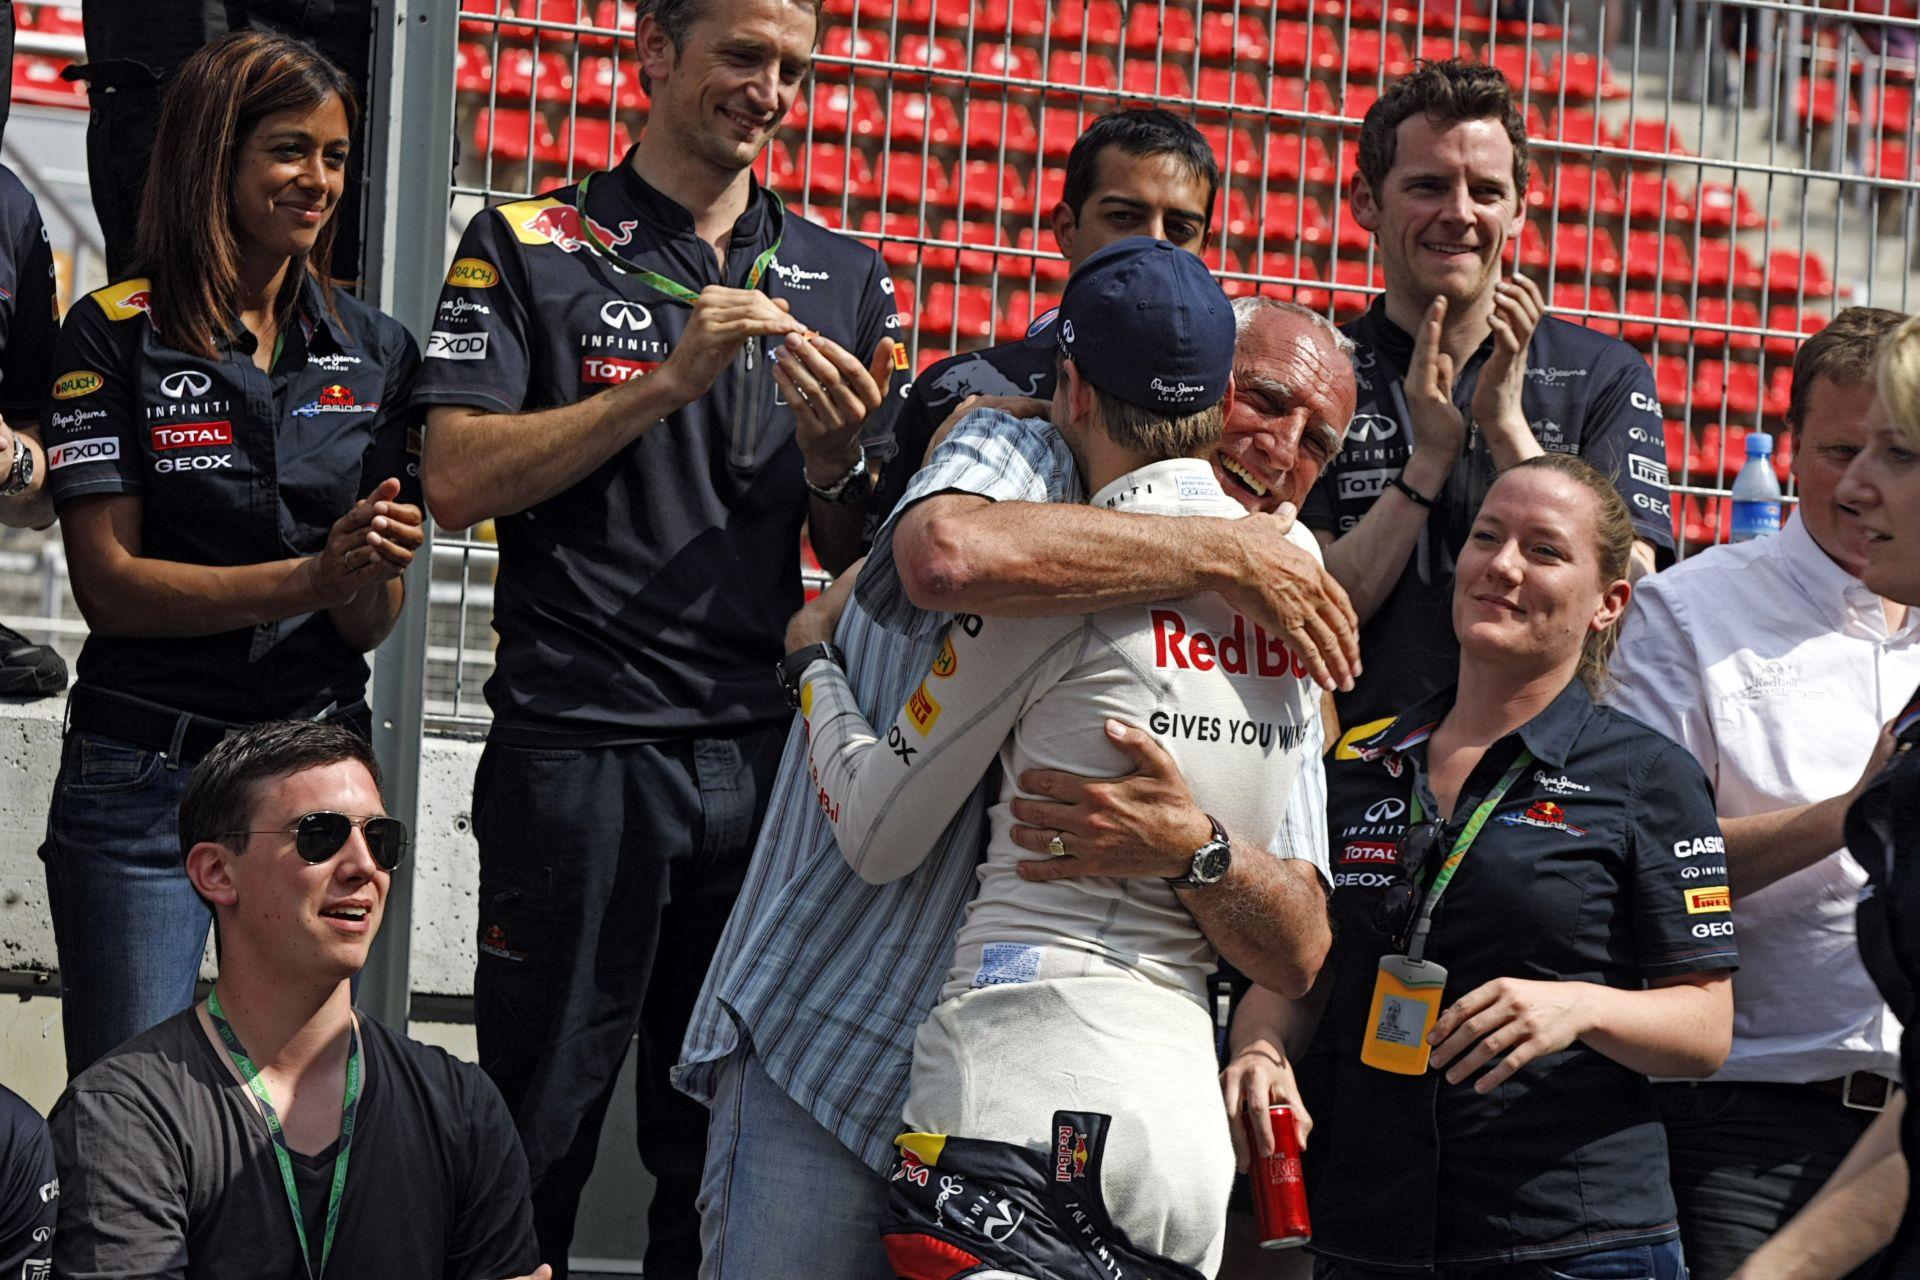 Rengeteg pénzt nyer Vettel távozásával a Red Bull, melynek tulajdonosa nem bánkódik a négyszeres bajnok elvesztése miatt